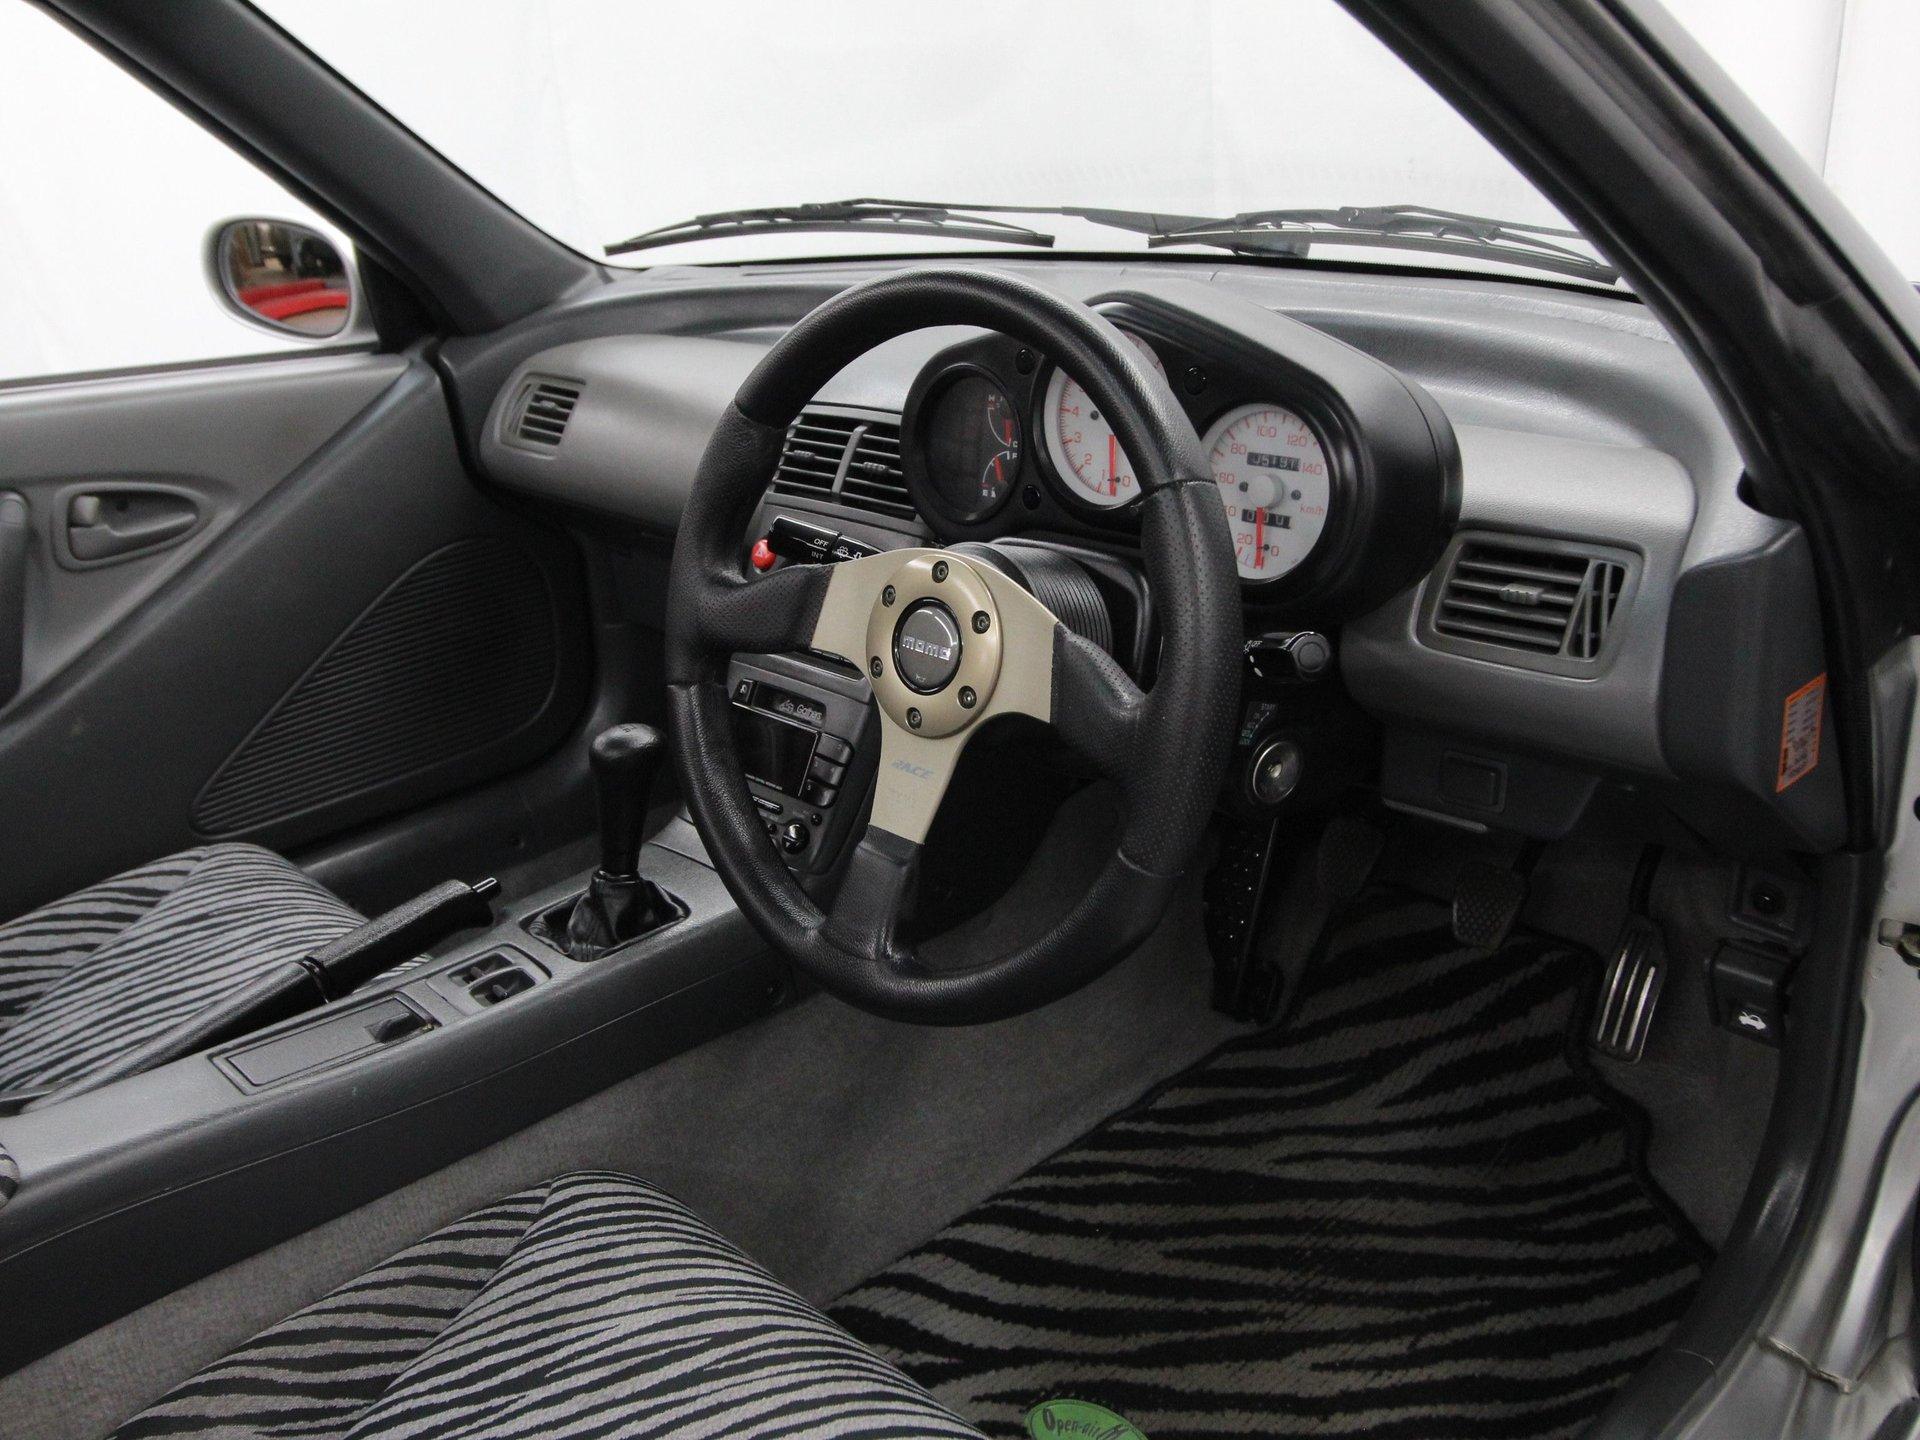 1993 Honda Beat